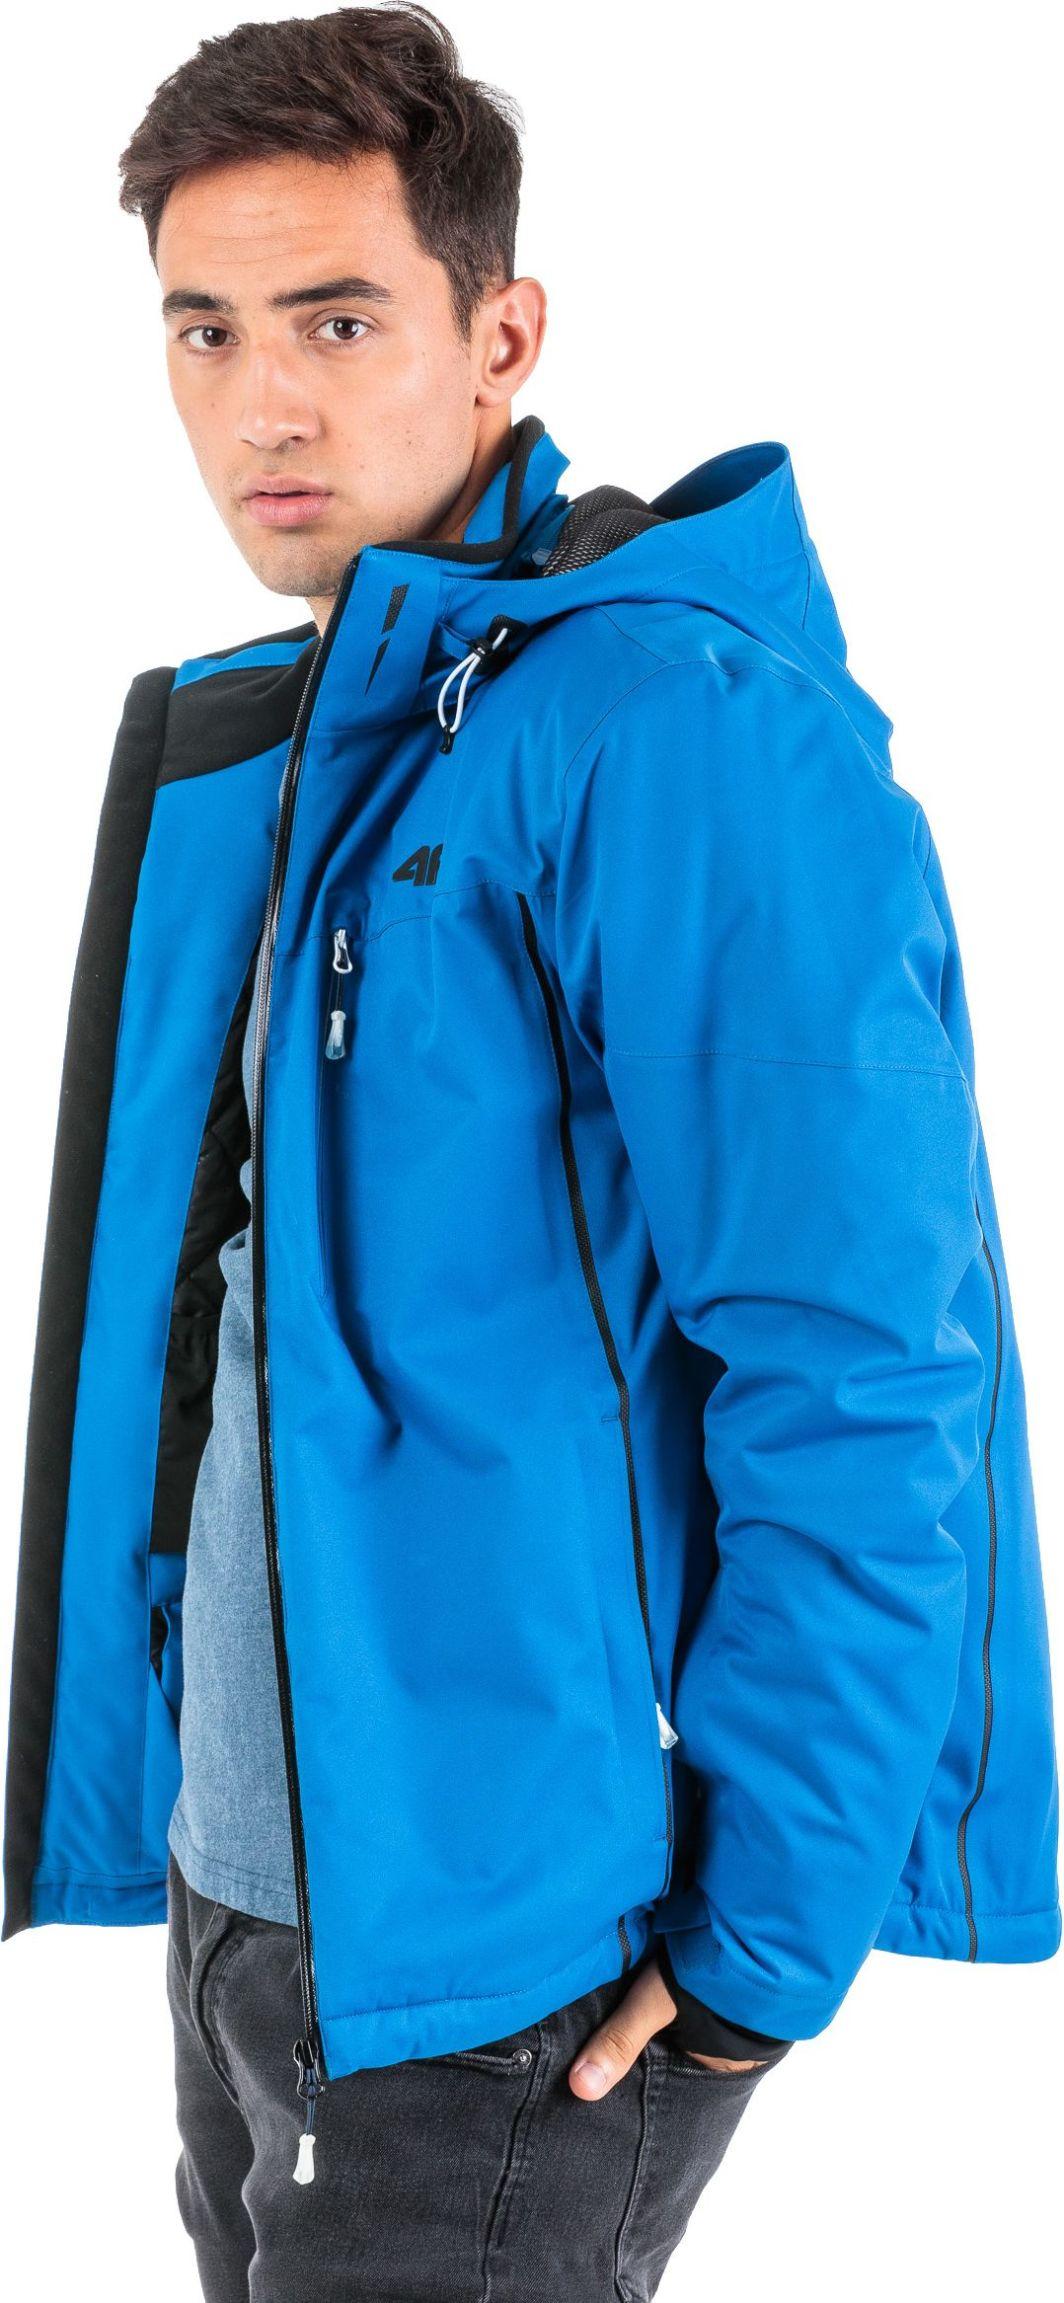 4f Kurtka narciarska męska H4Z18-KUMN008 niebieska r. XL